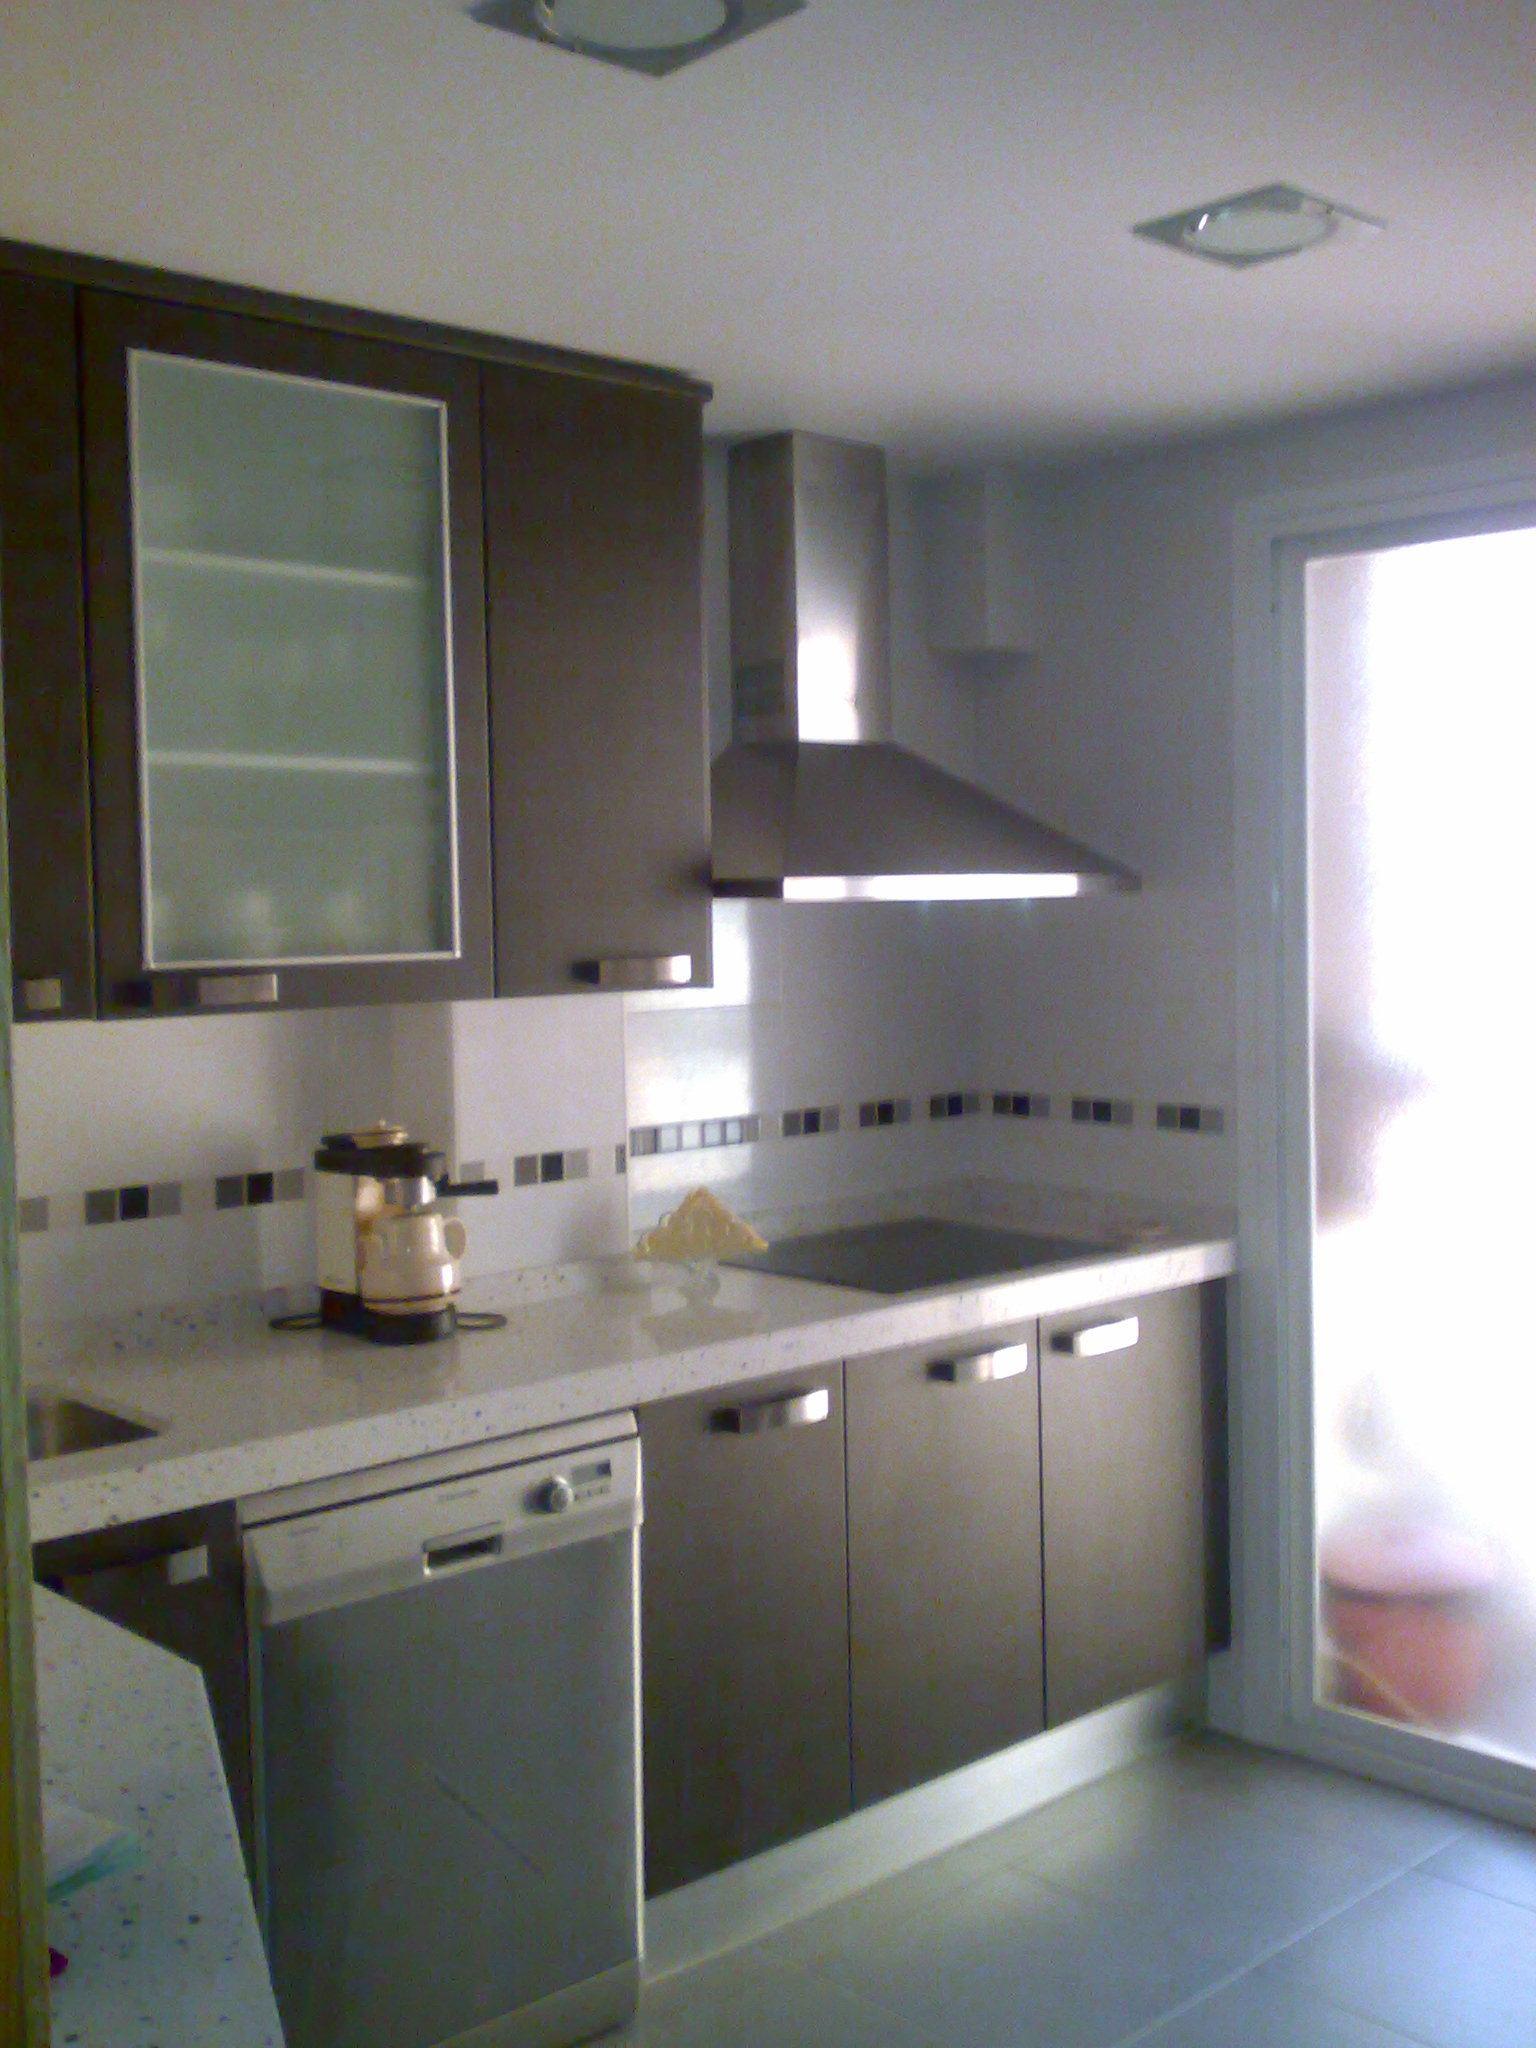 Muebles De Cocina Mostoles : Albañilería para cocinas en móstoles